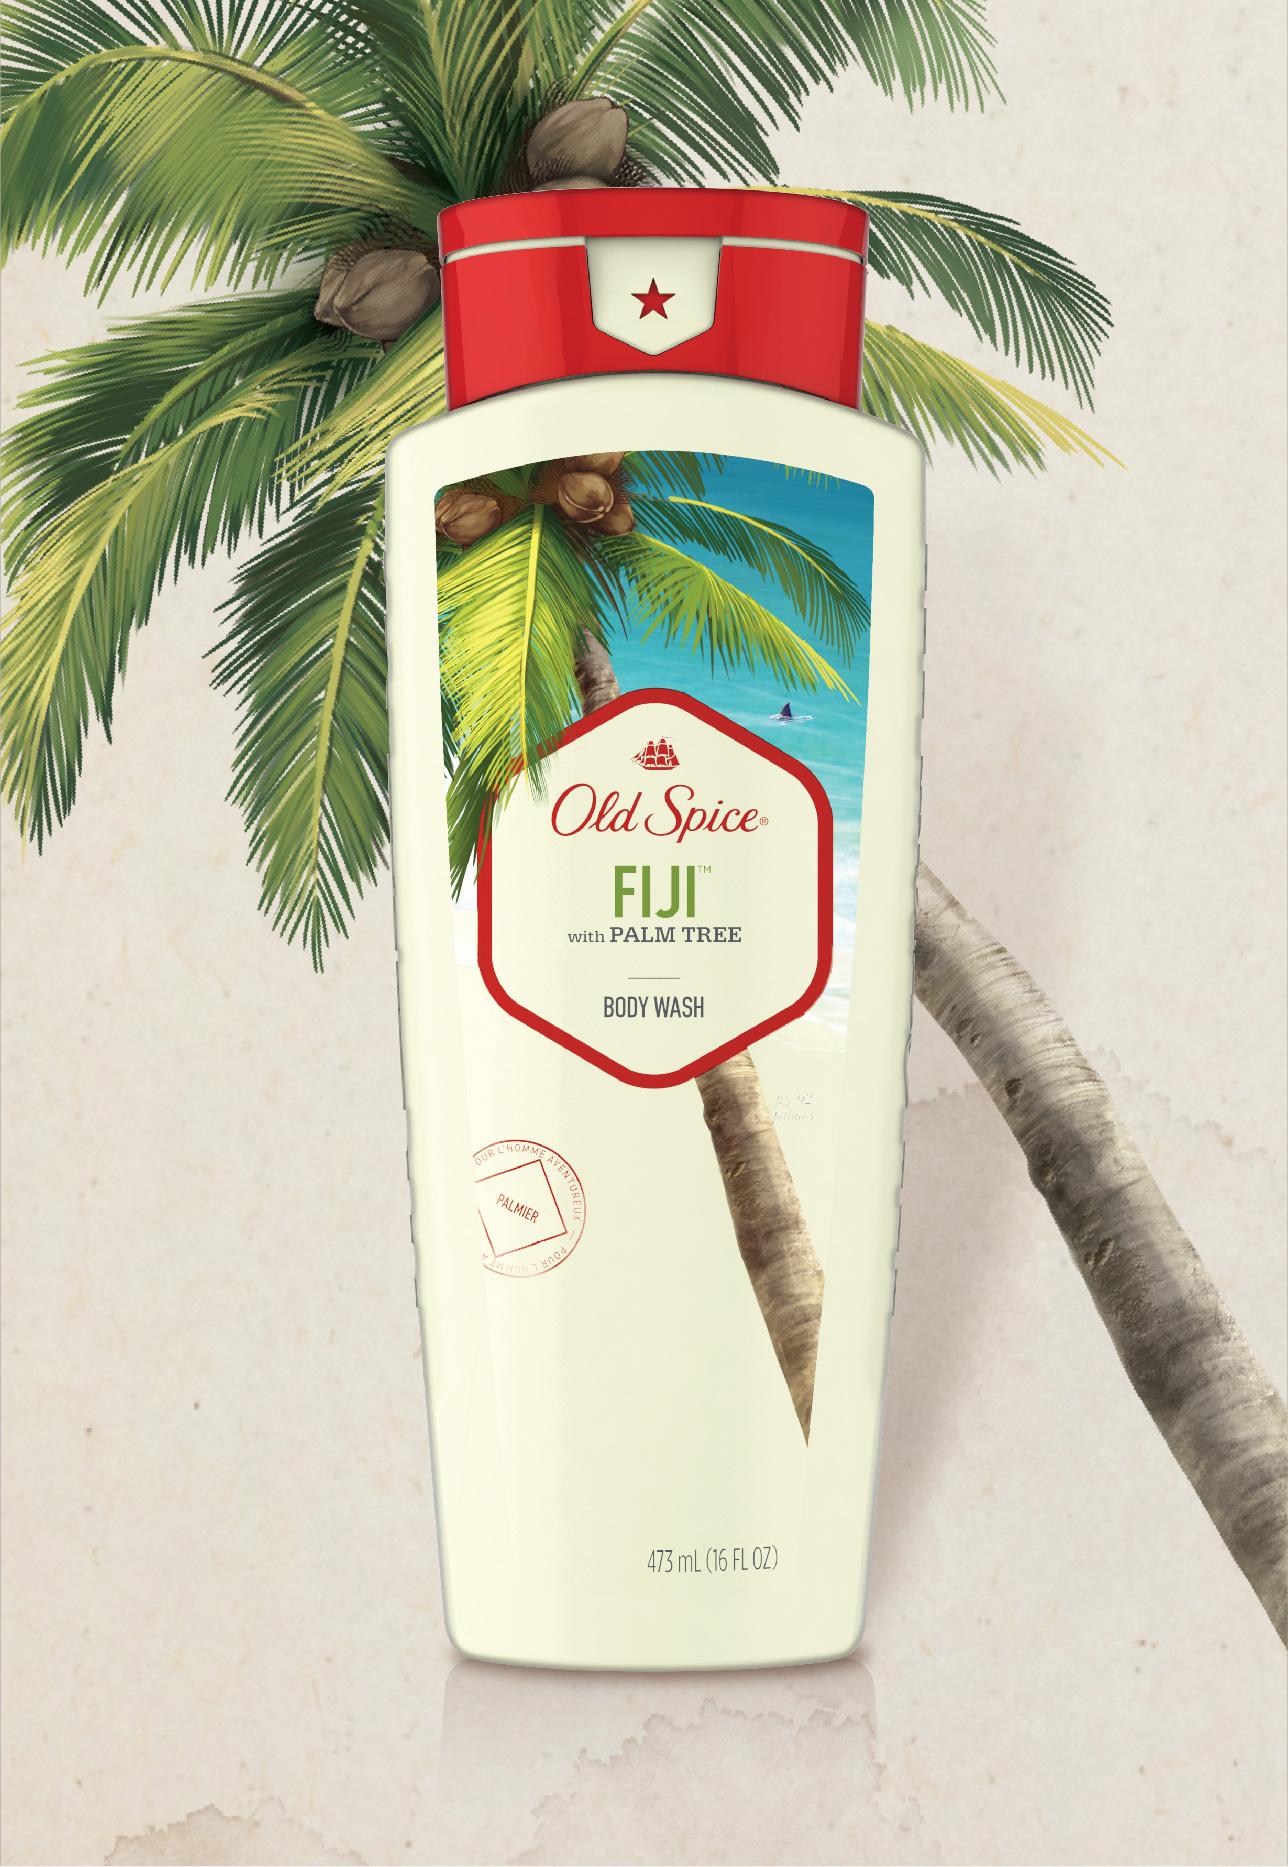 Fiji with Palm Tree Body Wash